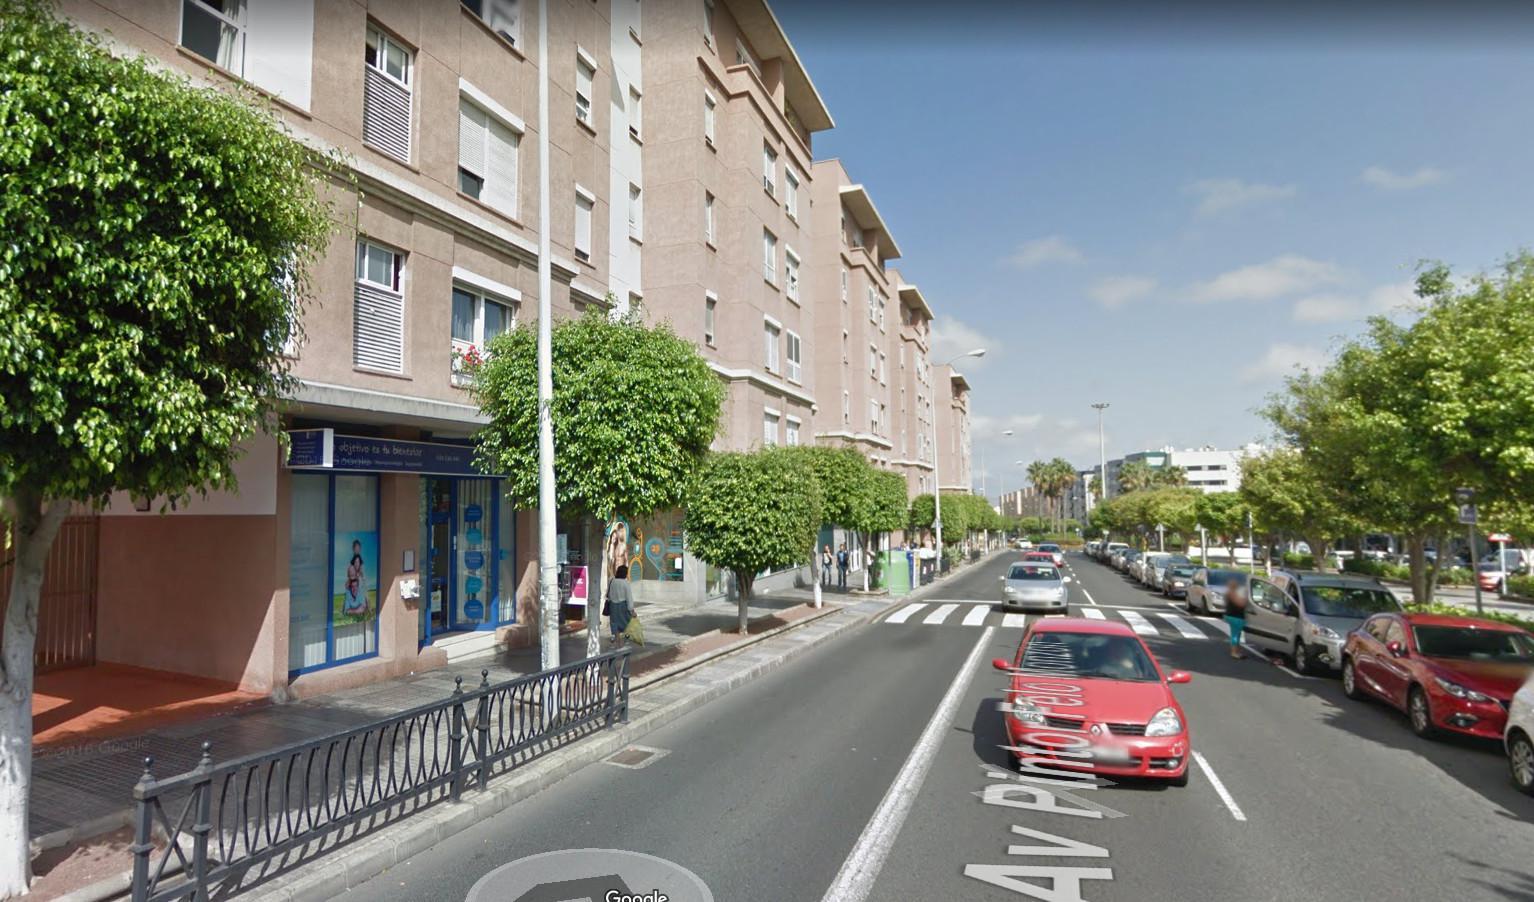 Comprar plaza de garaje tramites best garaje en centro en jerez de la frontera with comprar - Comprar plaza de garaje ...